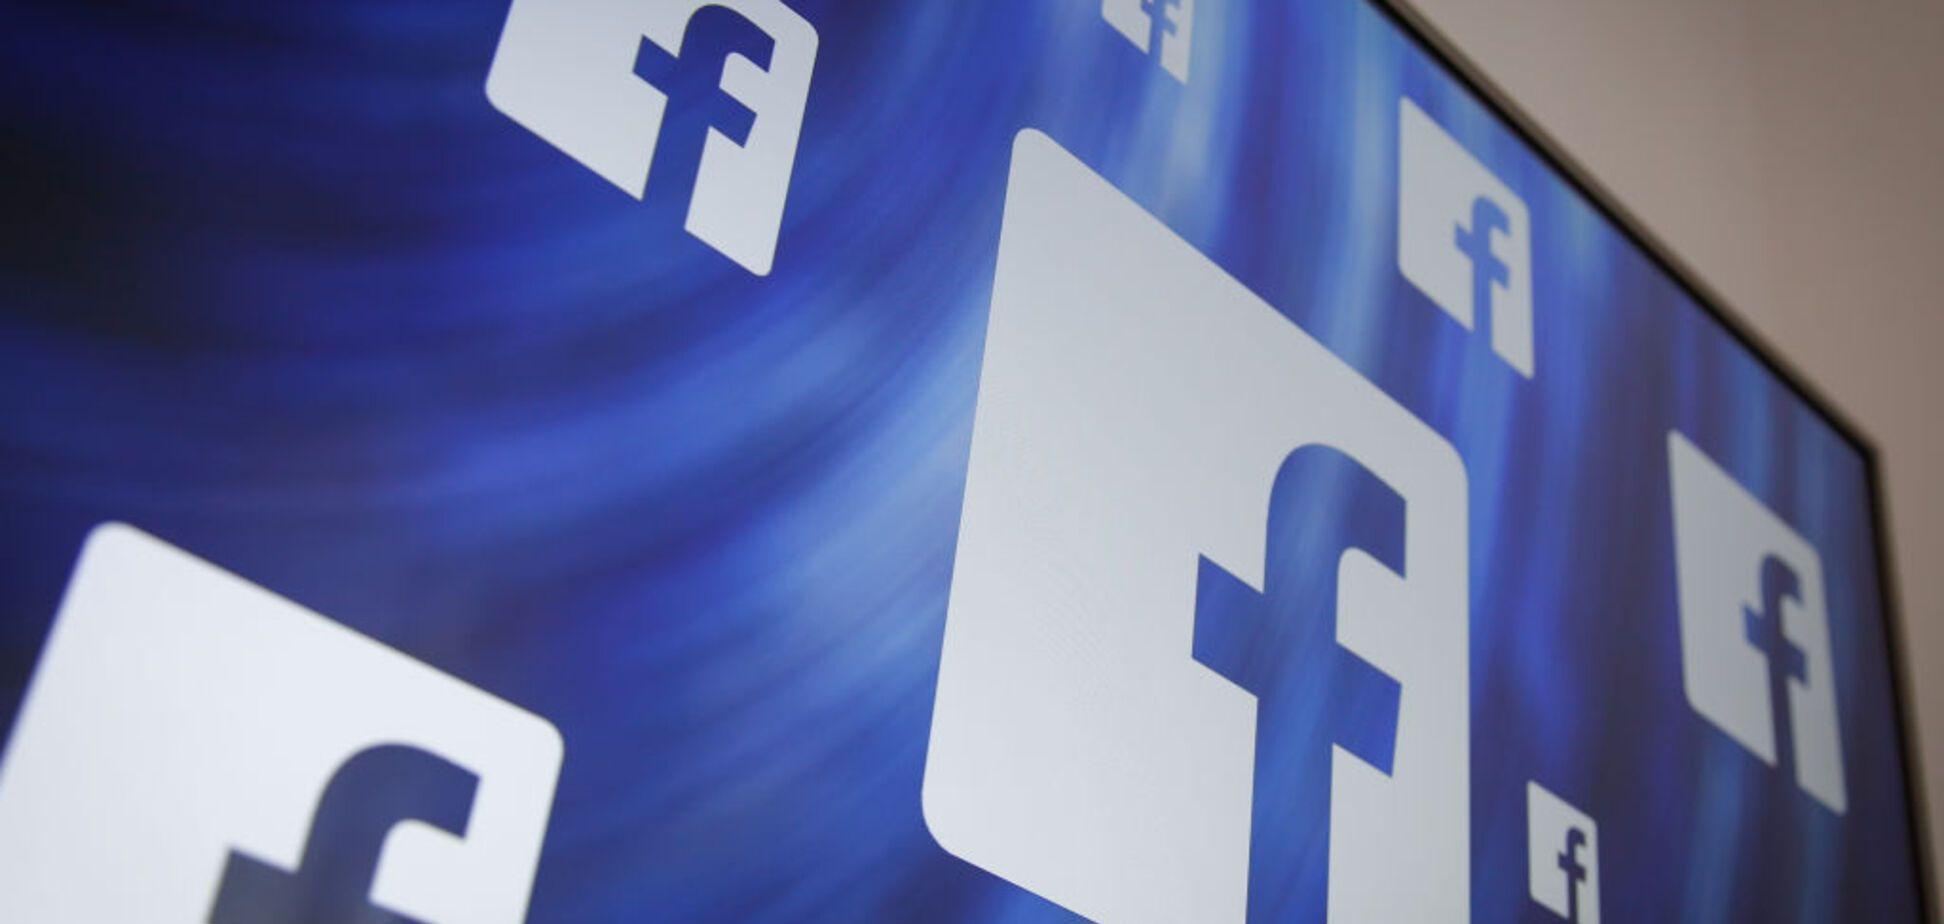 Ботофермы: украинский топ-блогер рассказал, как политики 'скупают' Facebook